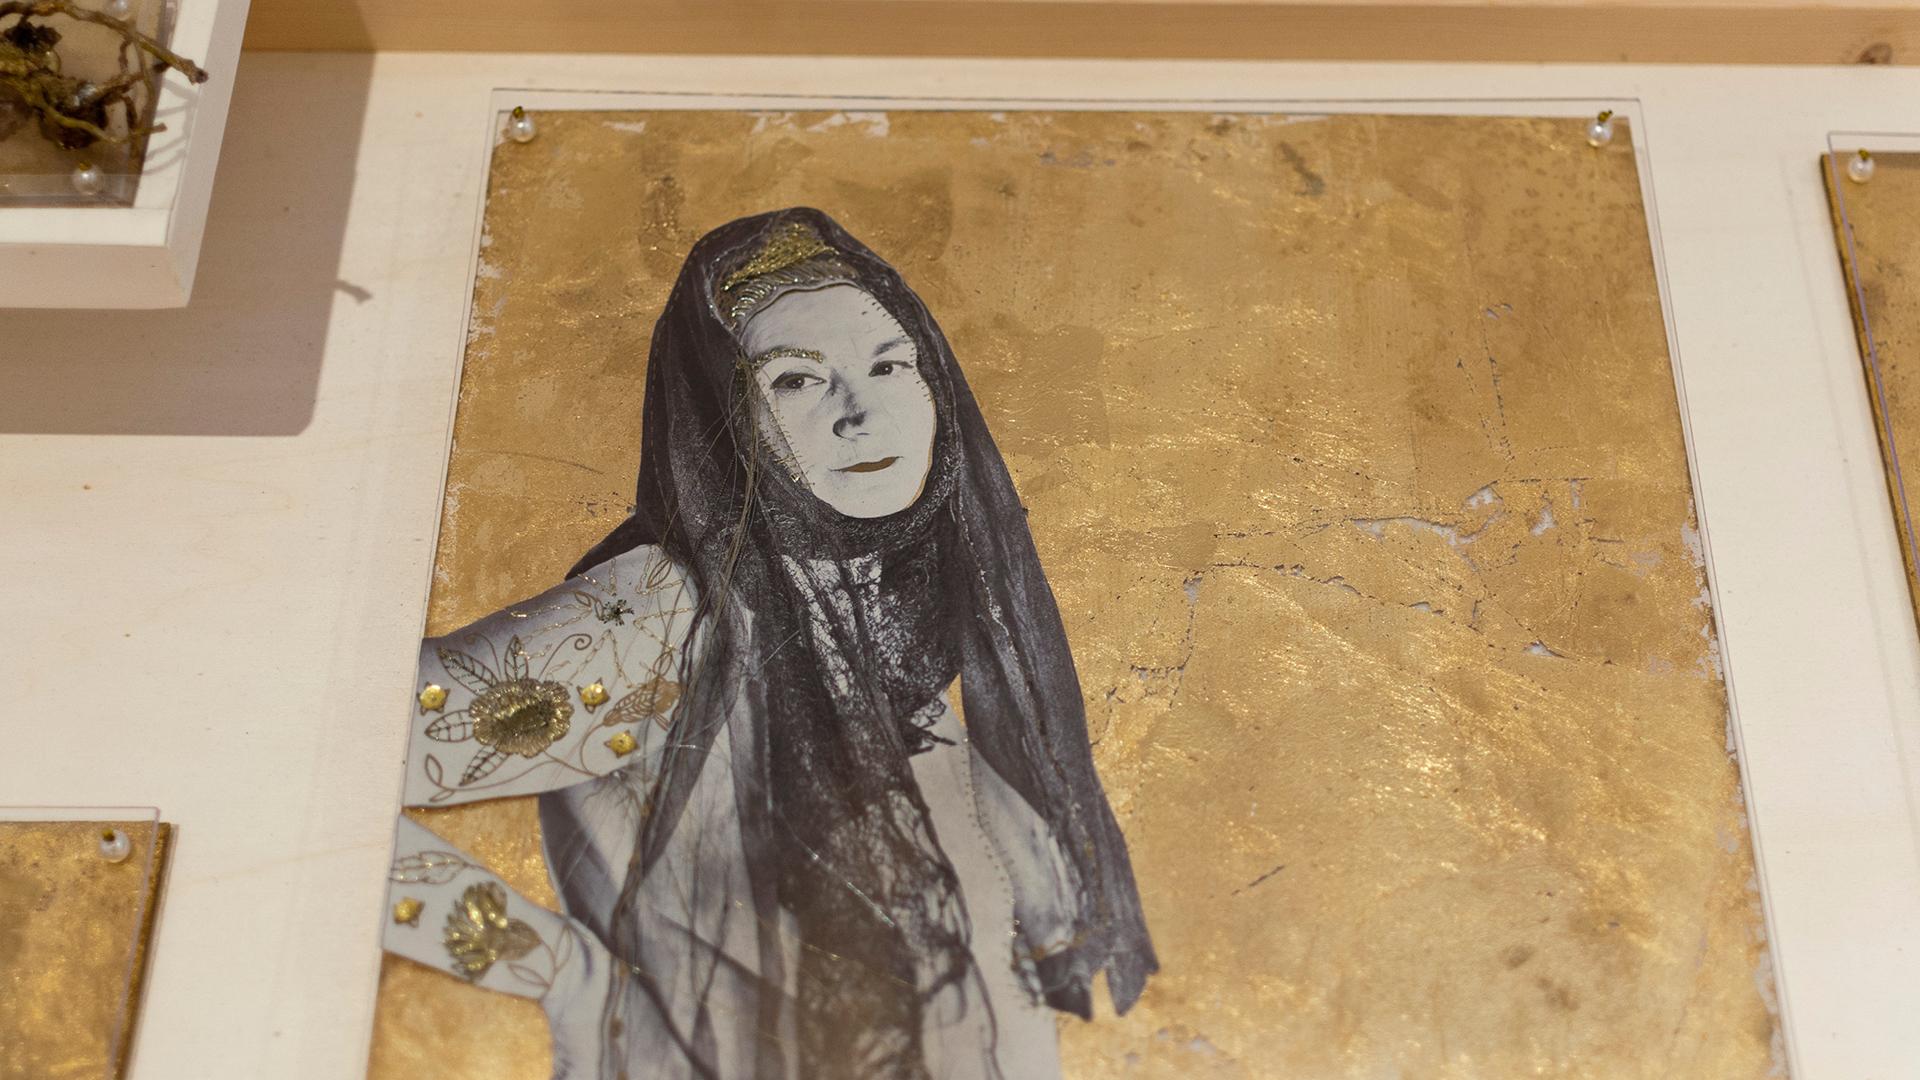 SLIDE-1920X1080-20170223-El_Espacio_de_la_memoria-Museo_Thyssen-MonicaMura©10